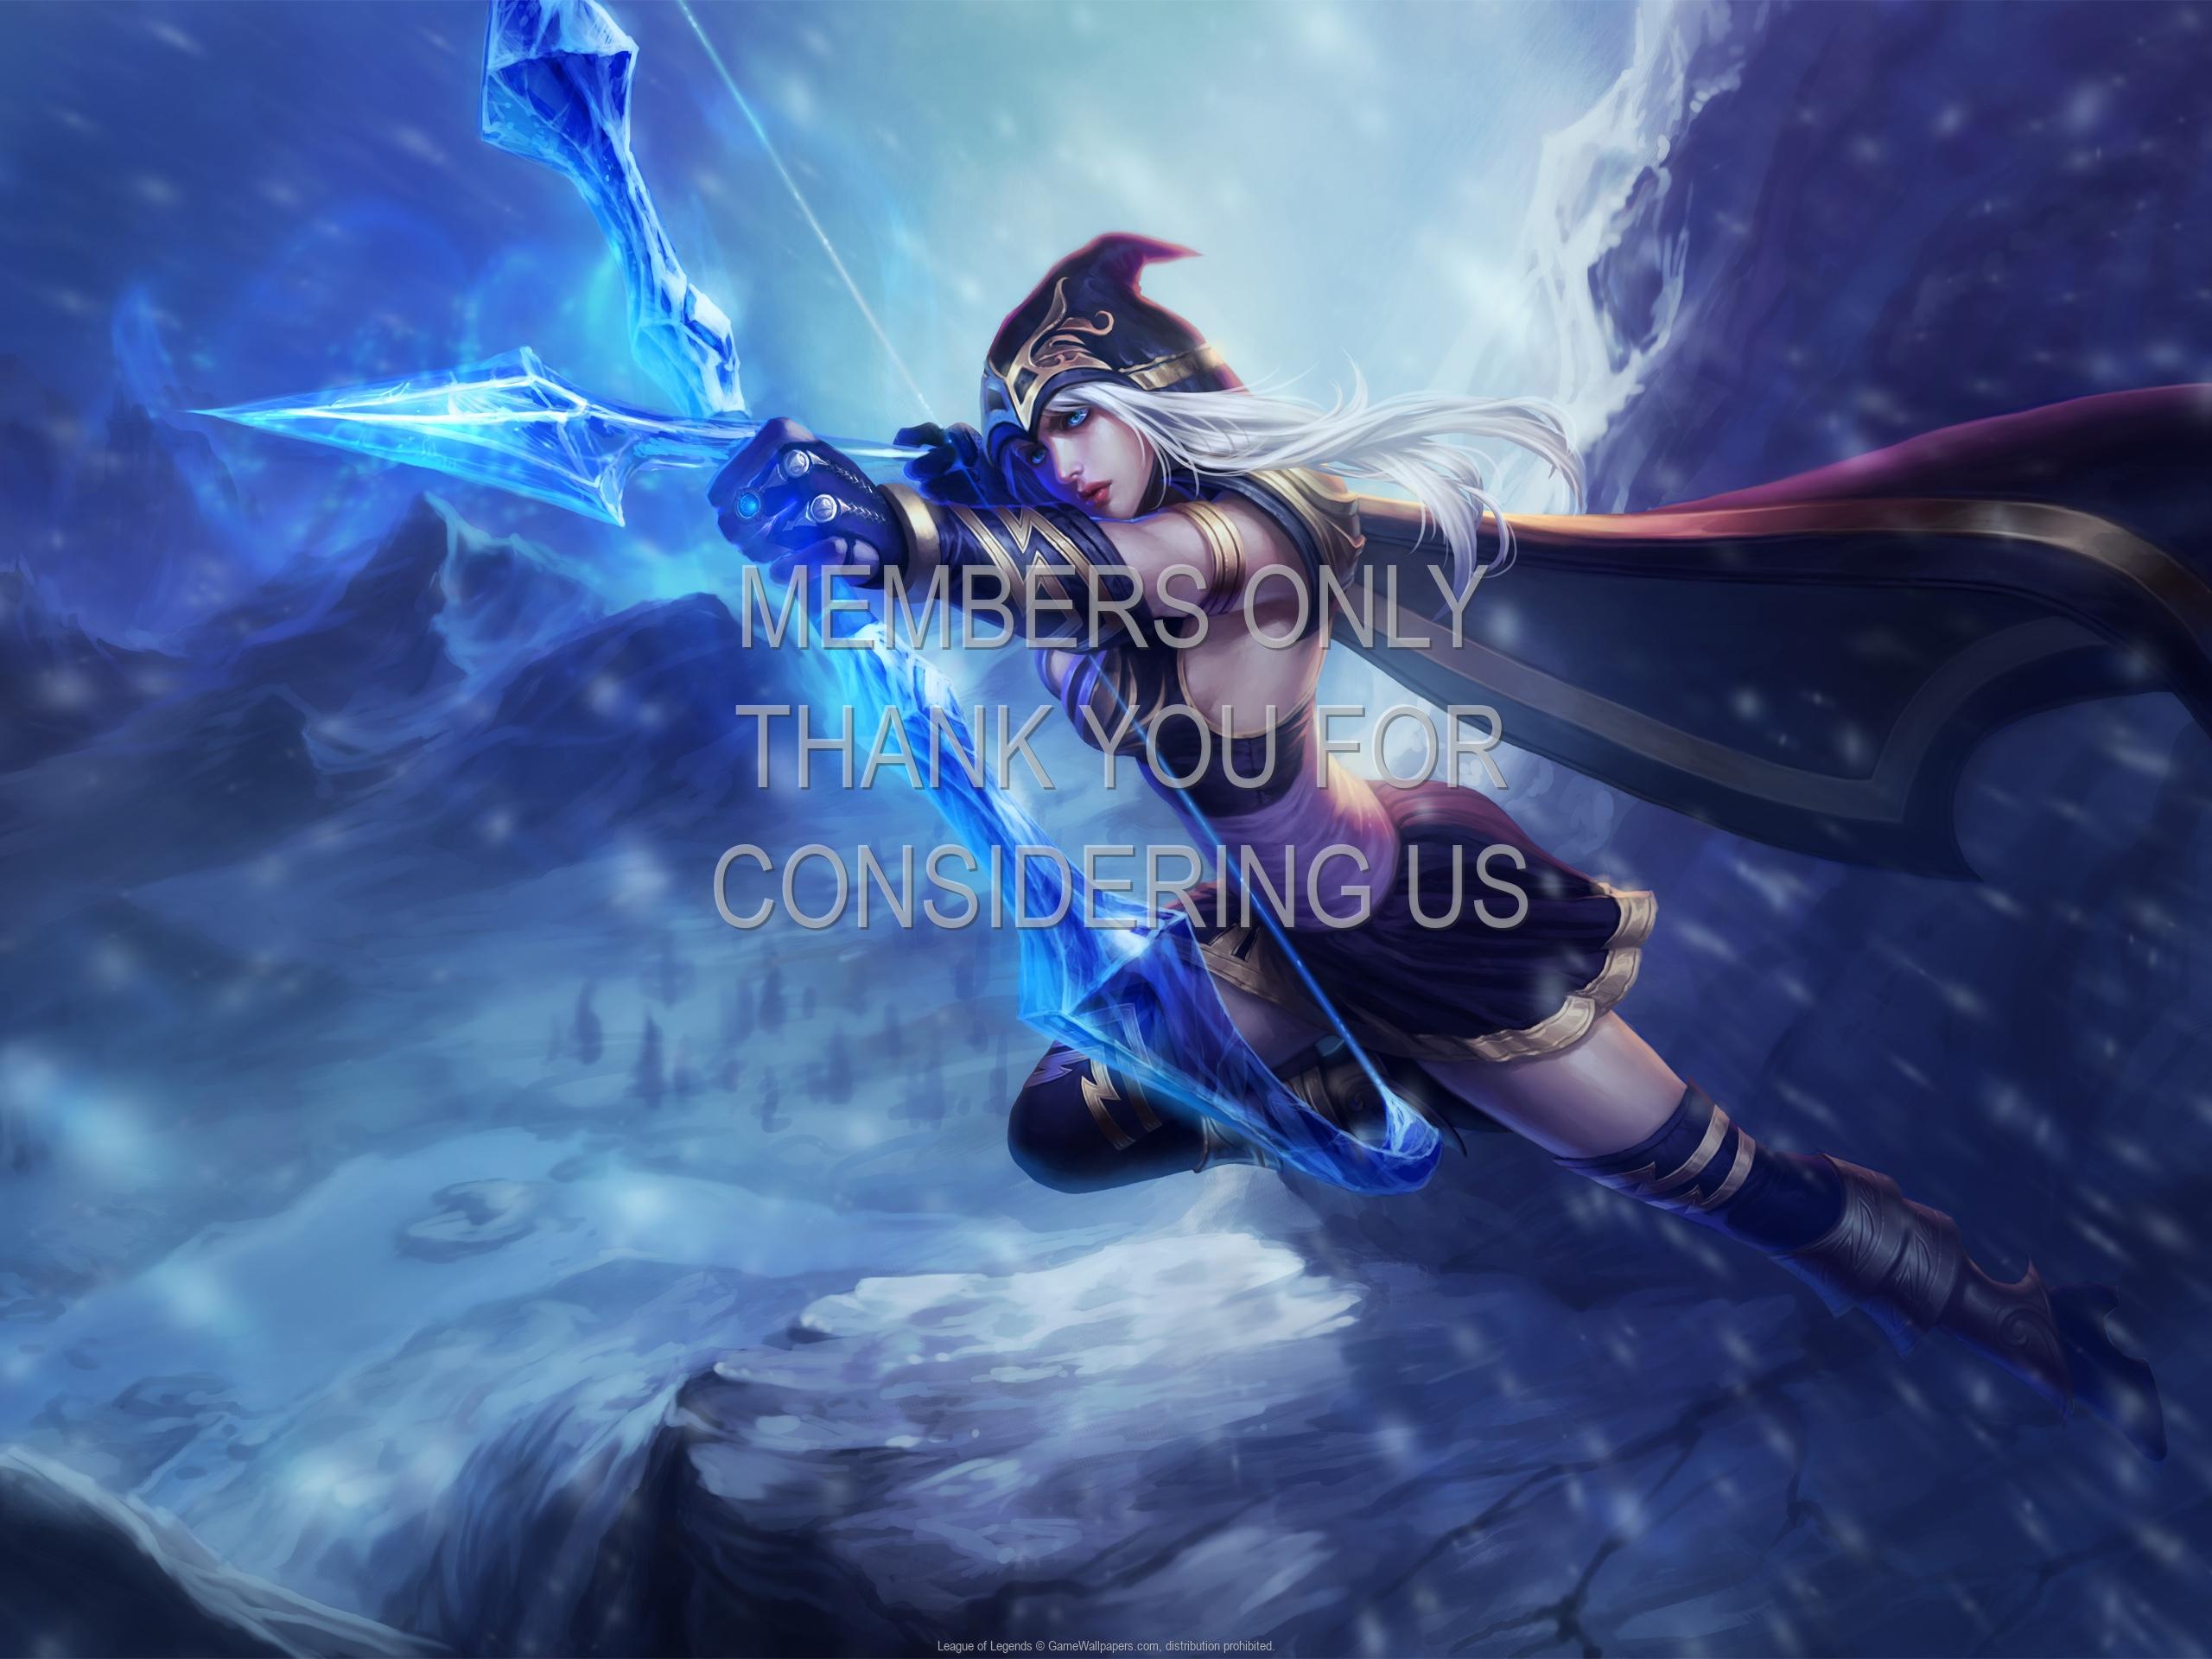 League of Legends 1920x1080 Handy Hintergrundbild 31